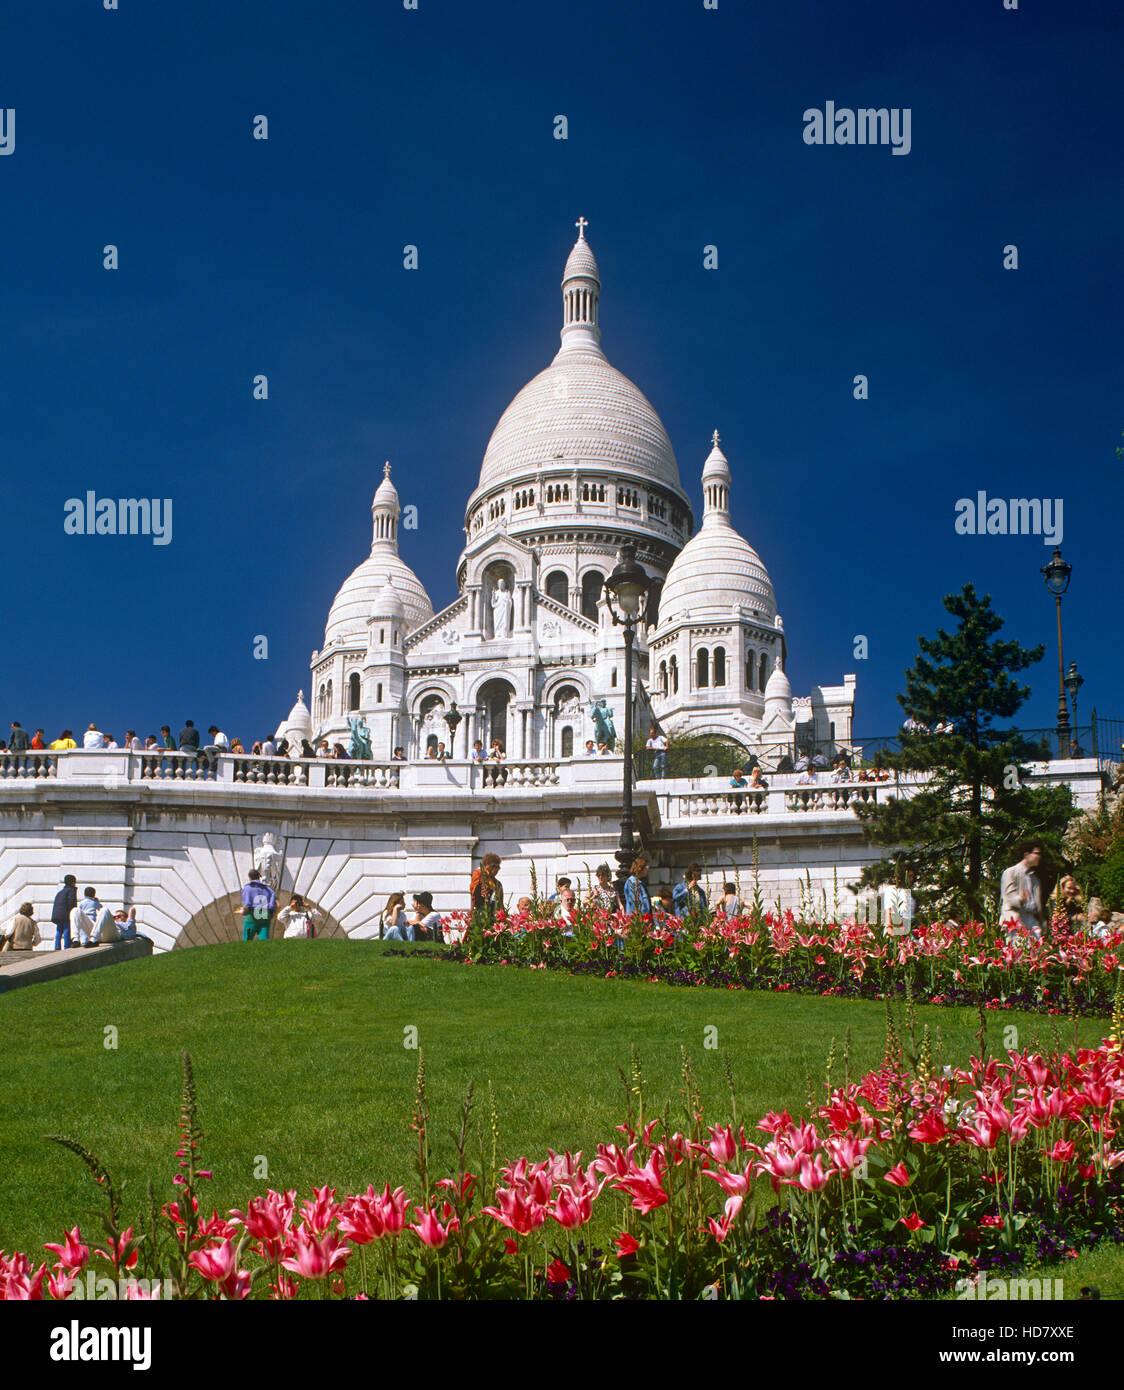 Sacre Coeur, Montmartre, Paris, France - Stock Image